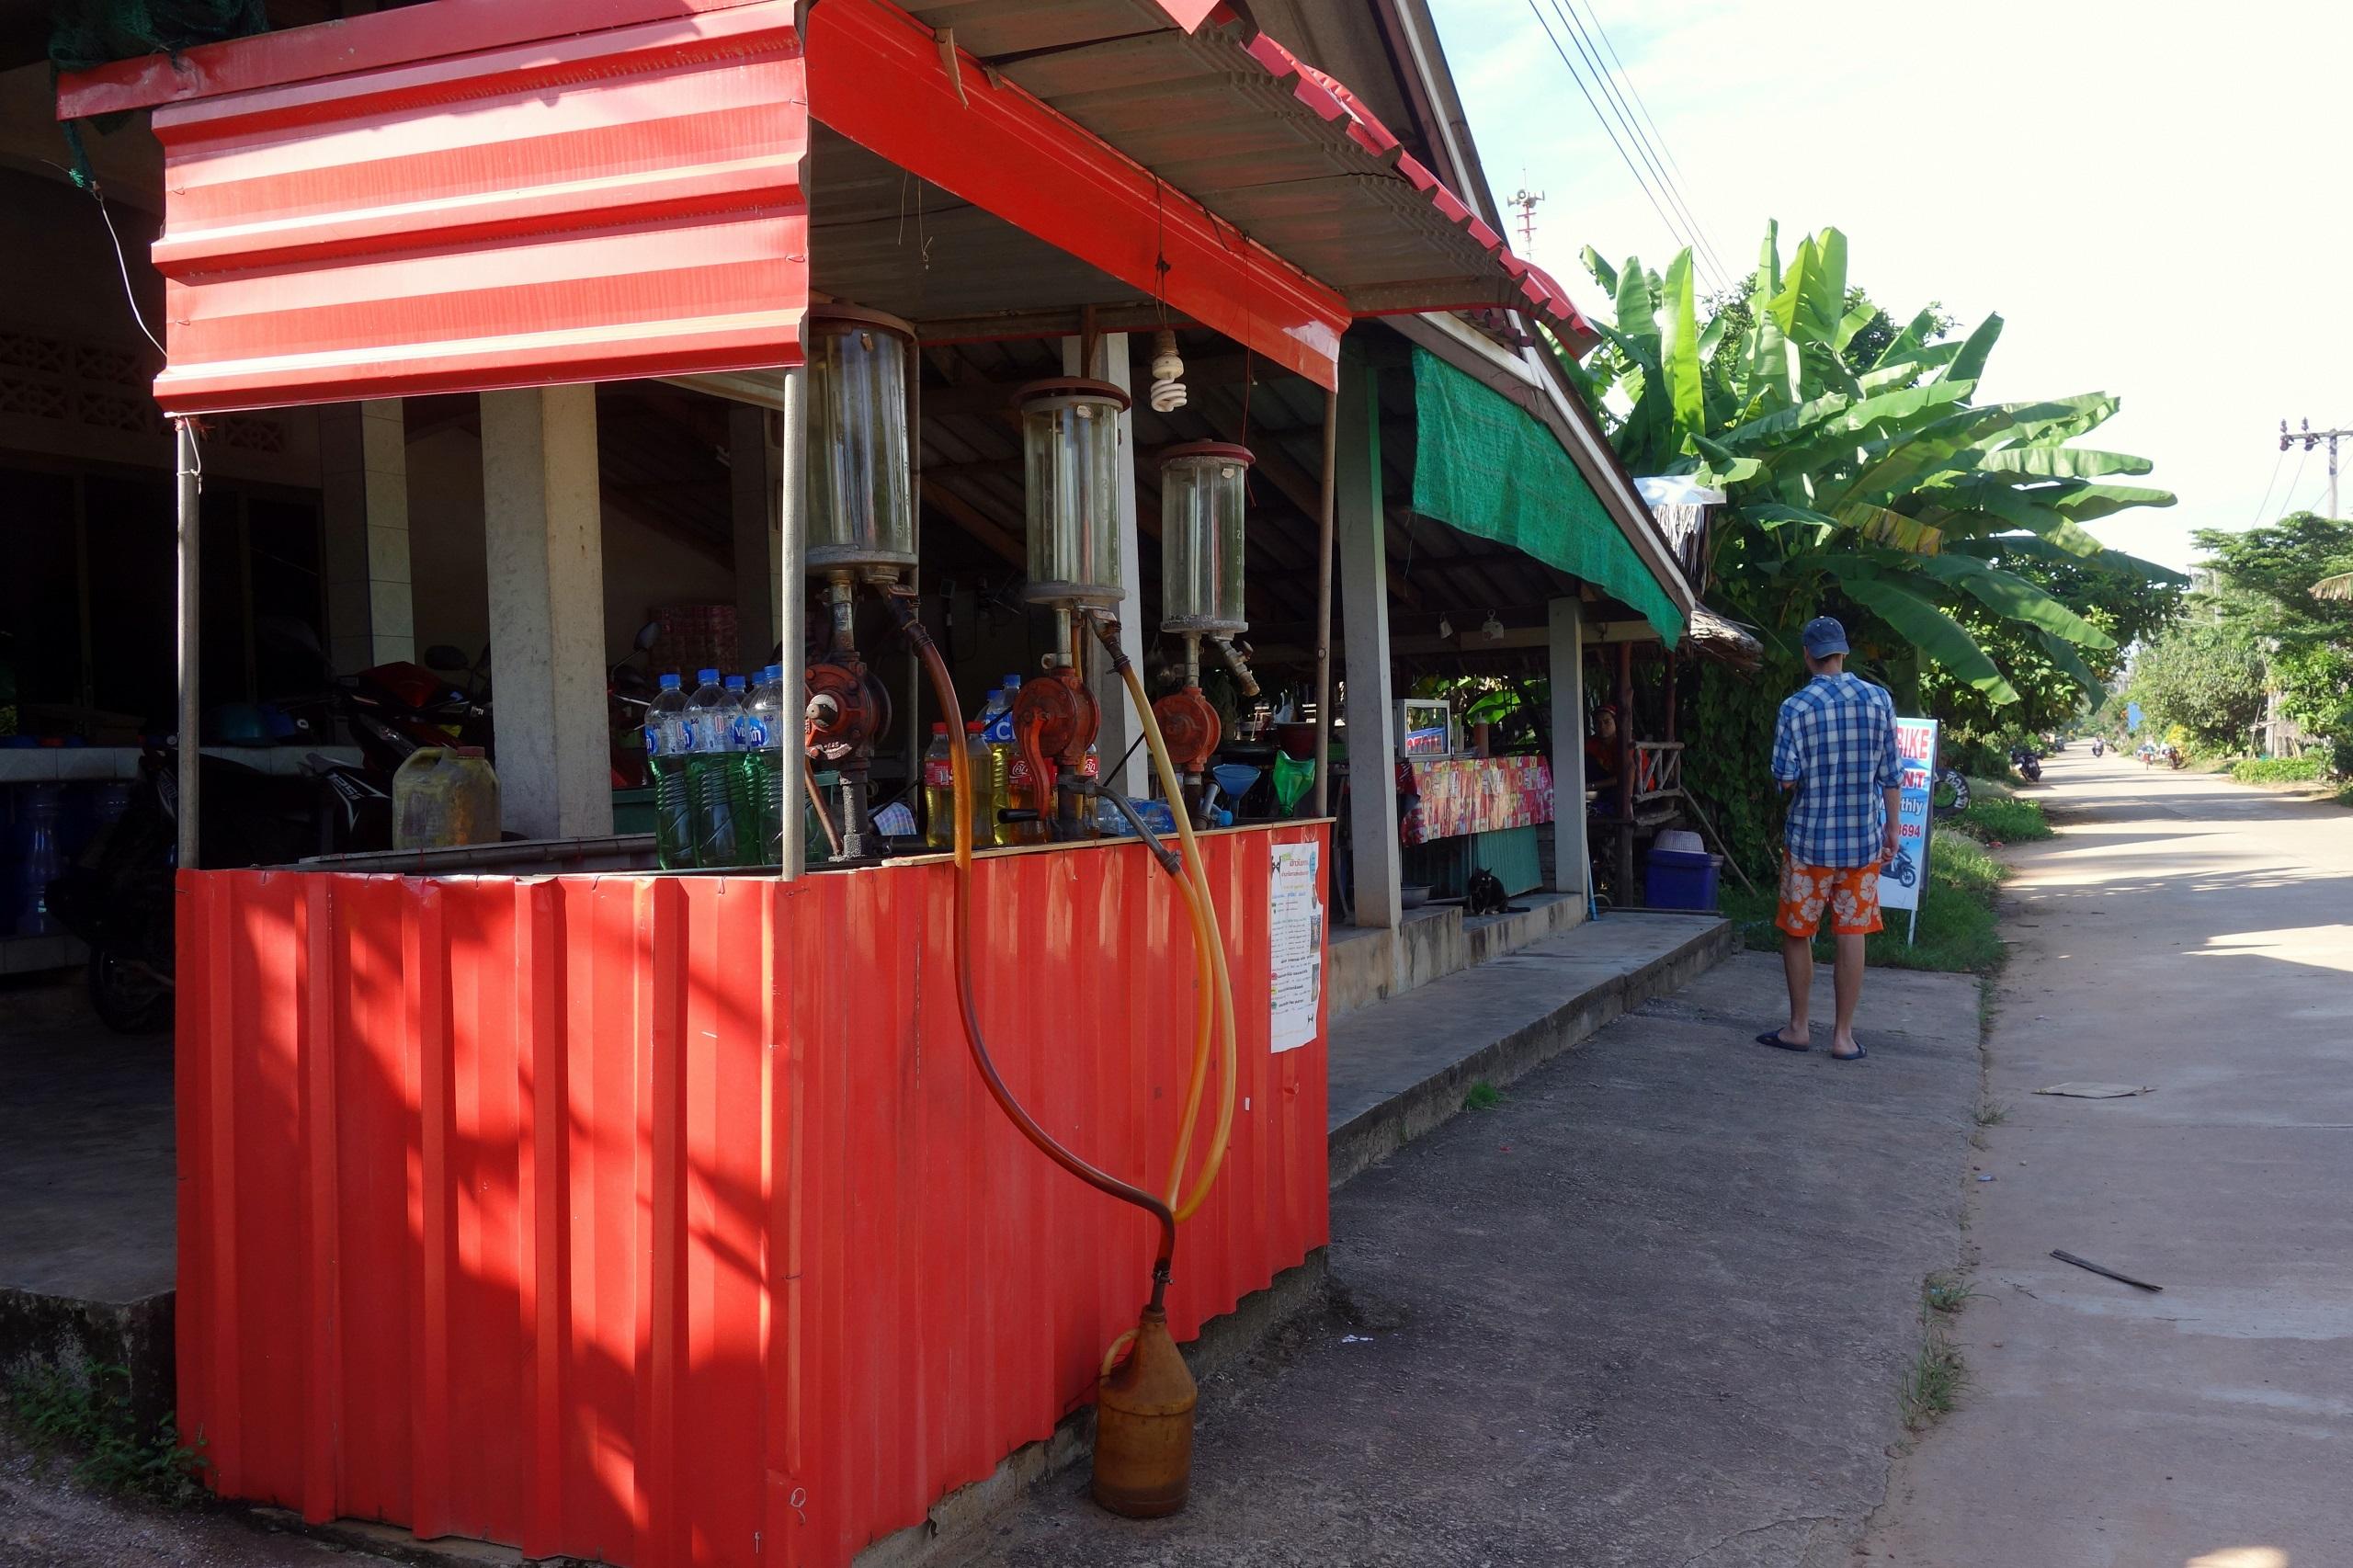 Stacja benzynowa na wyspie Koh Jum - Tajlandia